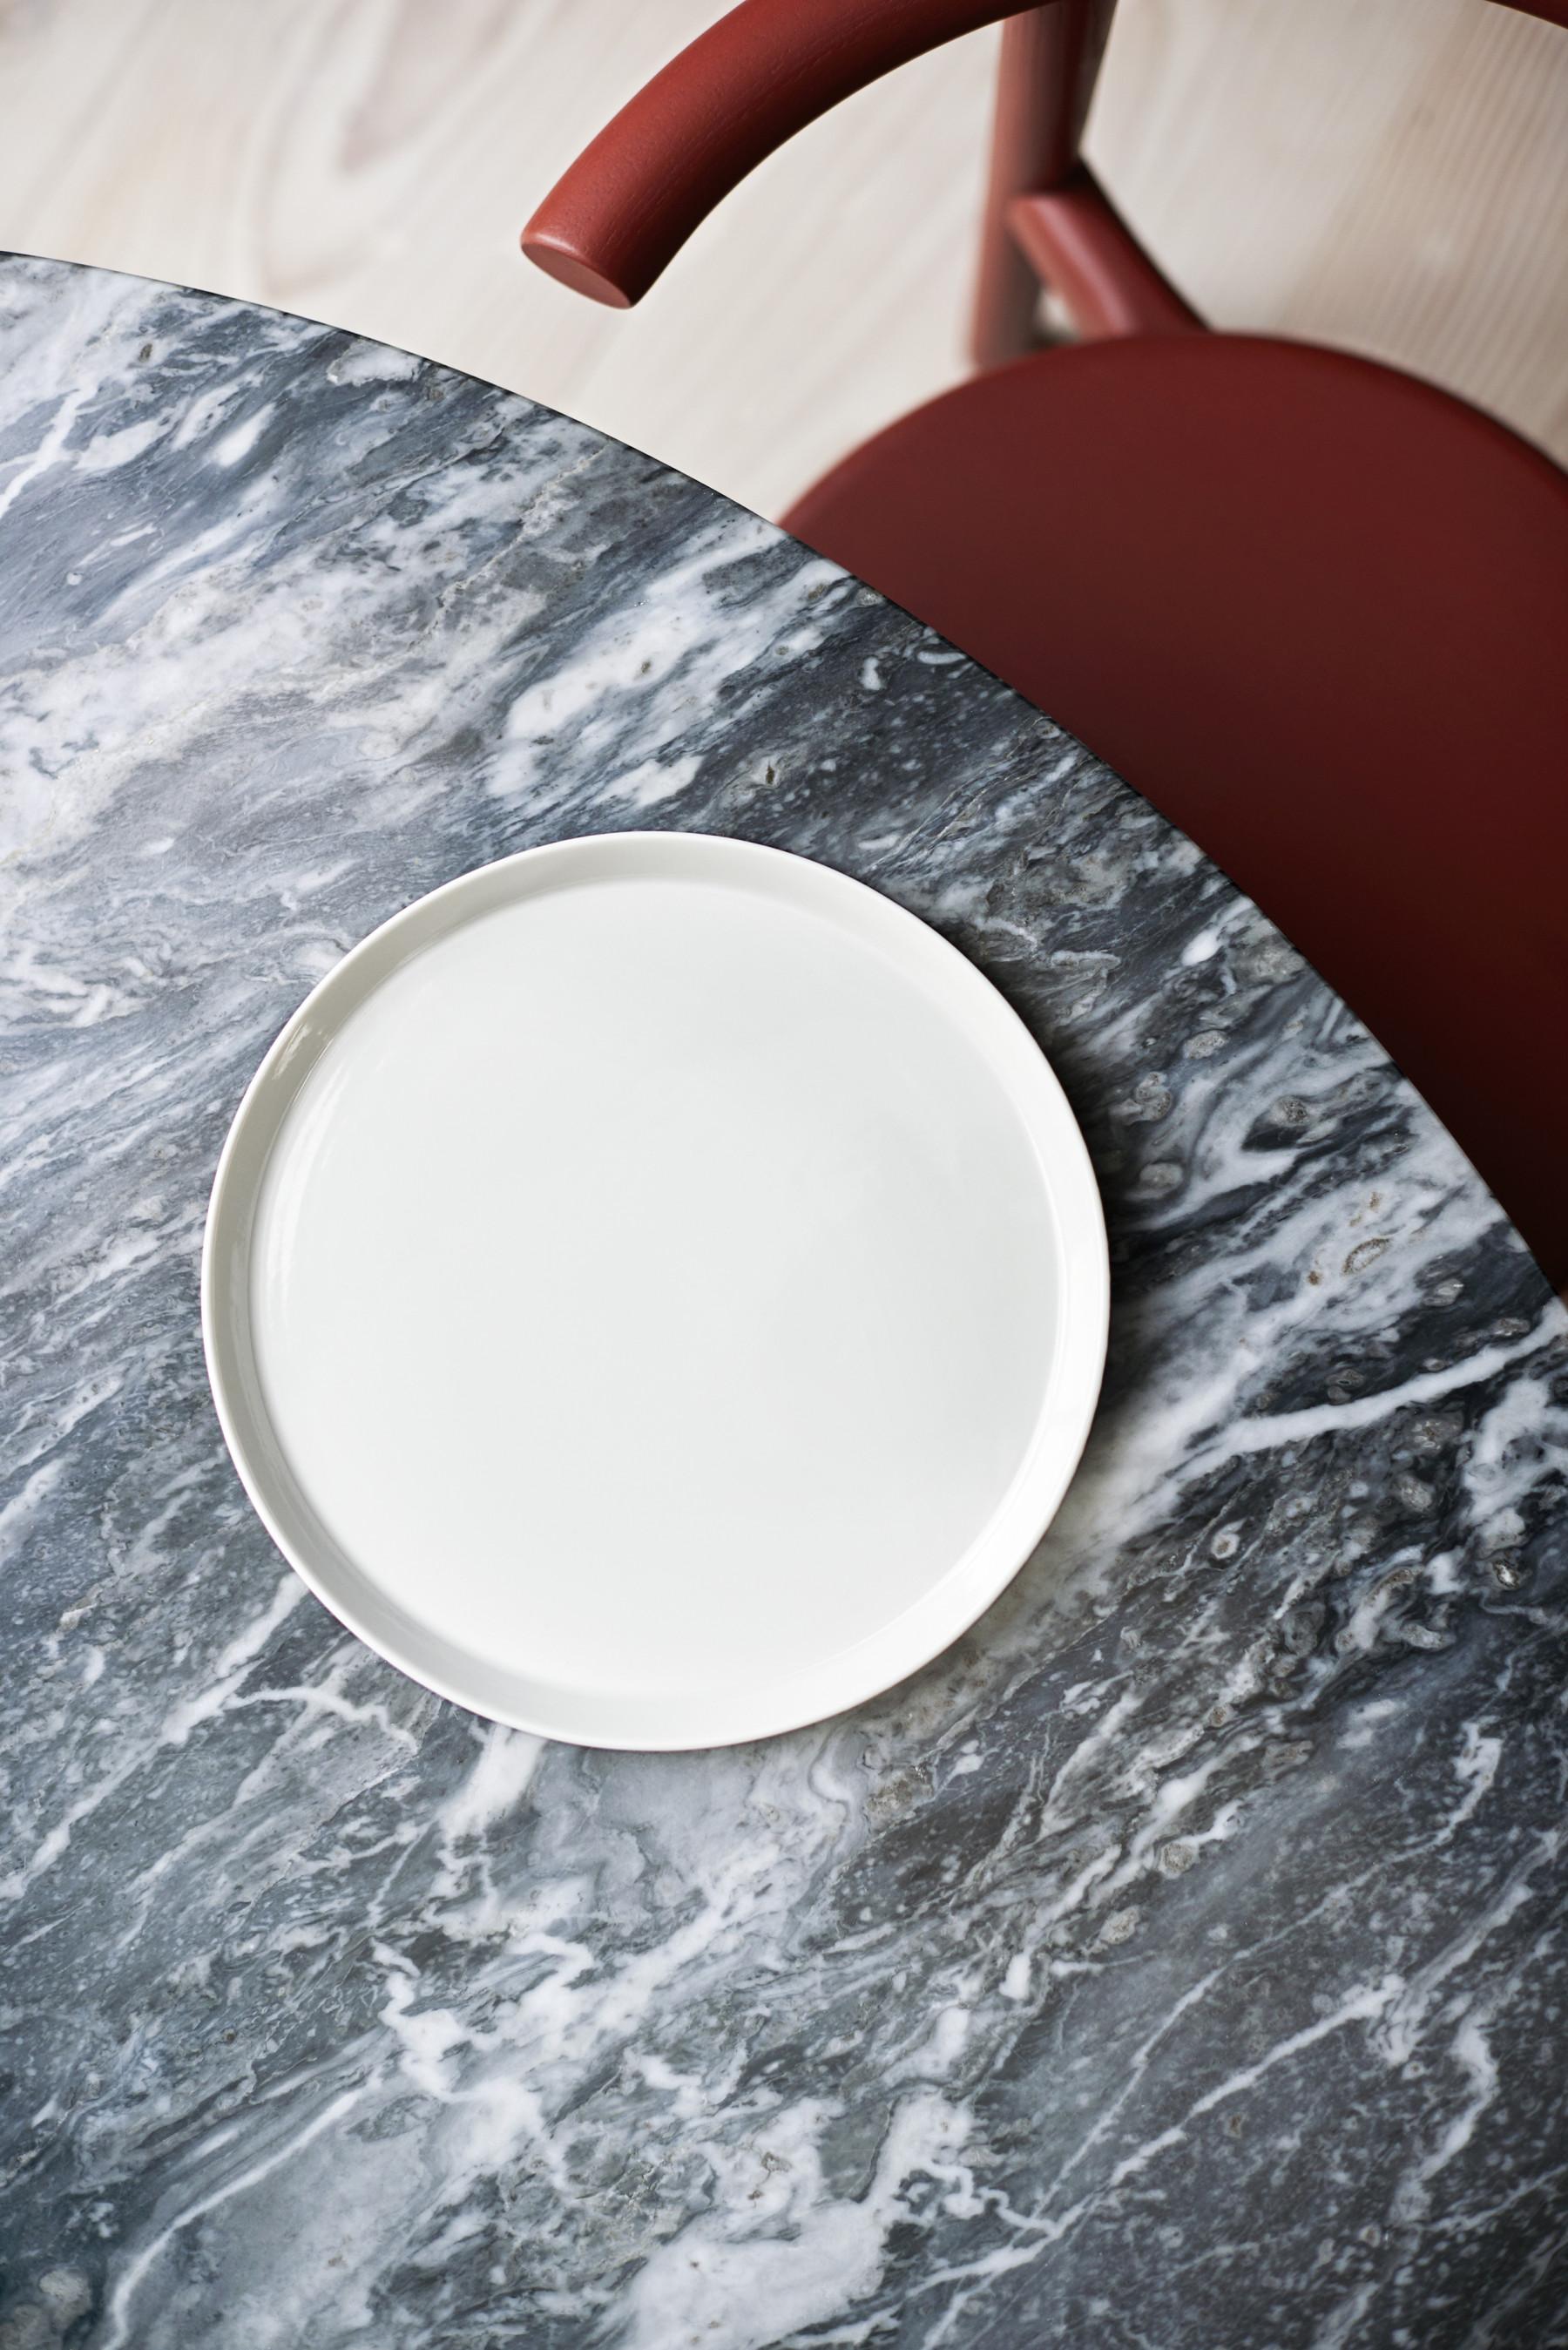 vipp Dinner Plate white VIPP213, 21303, 5705953164025